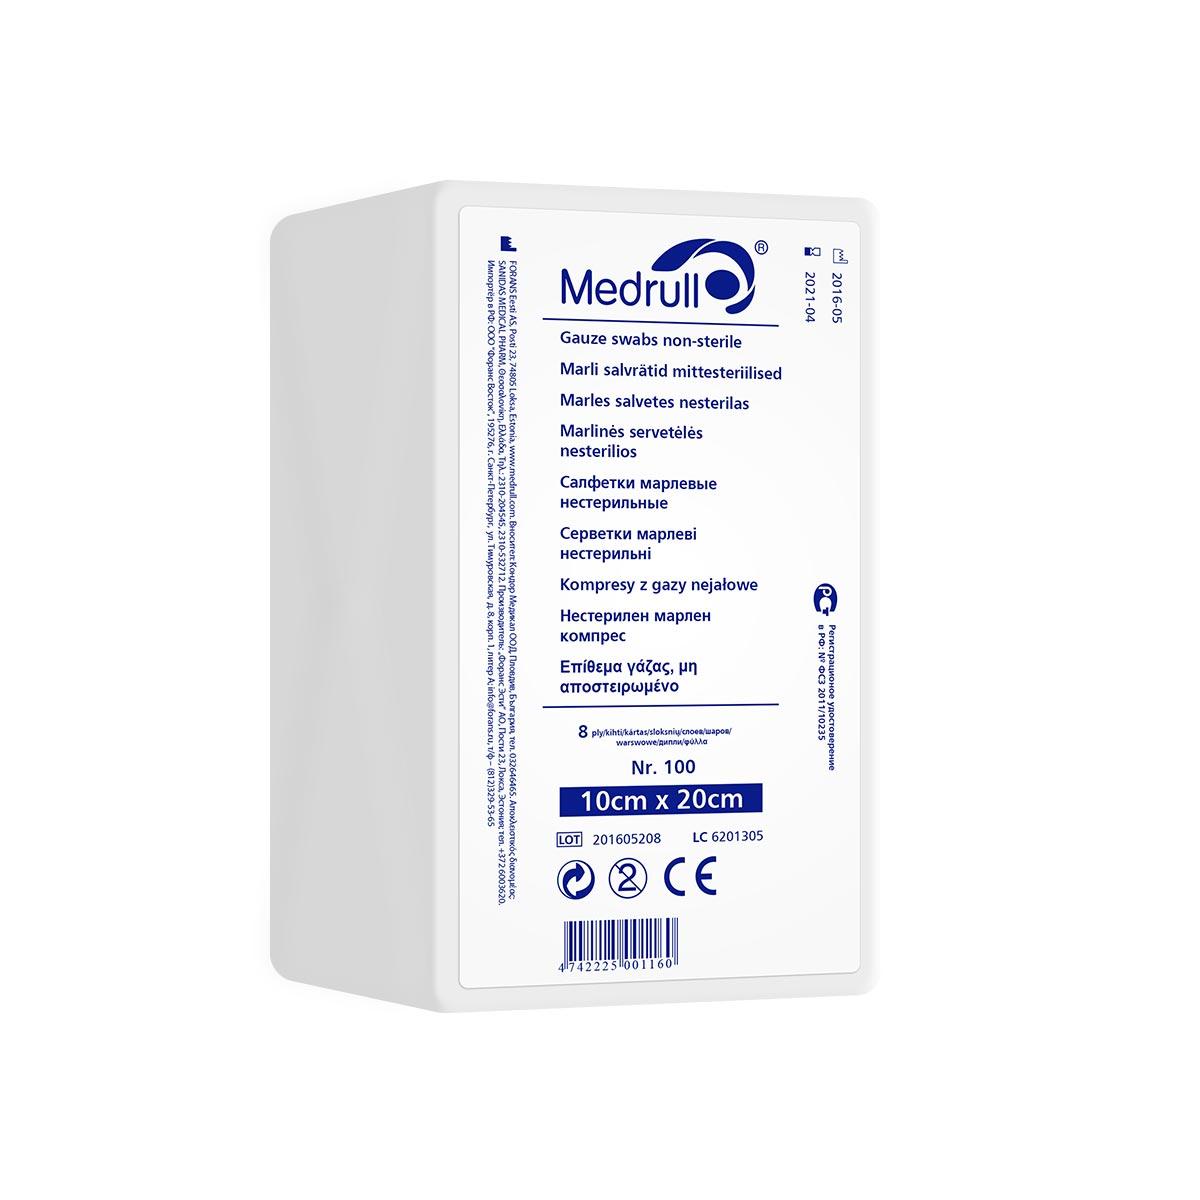 Medrull Салфетки марлевые медицинские N100, 8-слойные, нестерильные, 10х20 см4742225000163САЛФЕТКИ МАРЛЕВЫЕ НЕСТЕРИЛЬНЫЕ/8 СЛ. NR 100 Состав 100% хлопок. Структура материала 17 ниток/см2. Размер 8 сл 10см x 20см